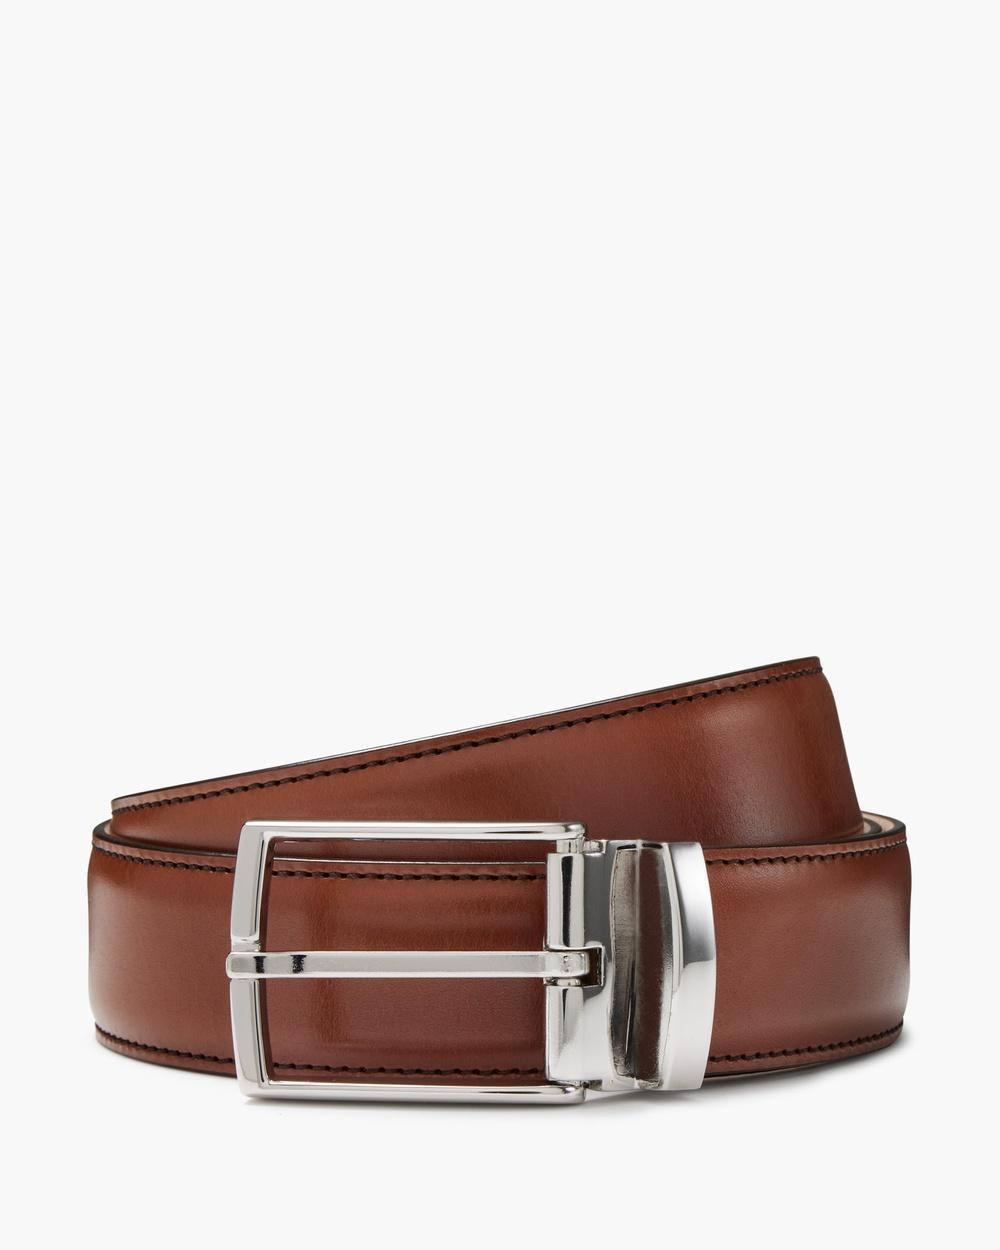 Aquila Bane Leather Belt Belts Tan